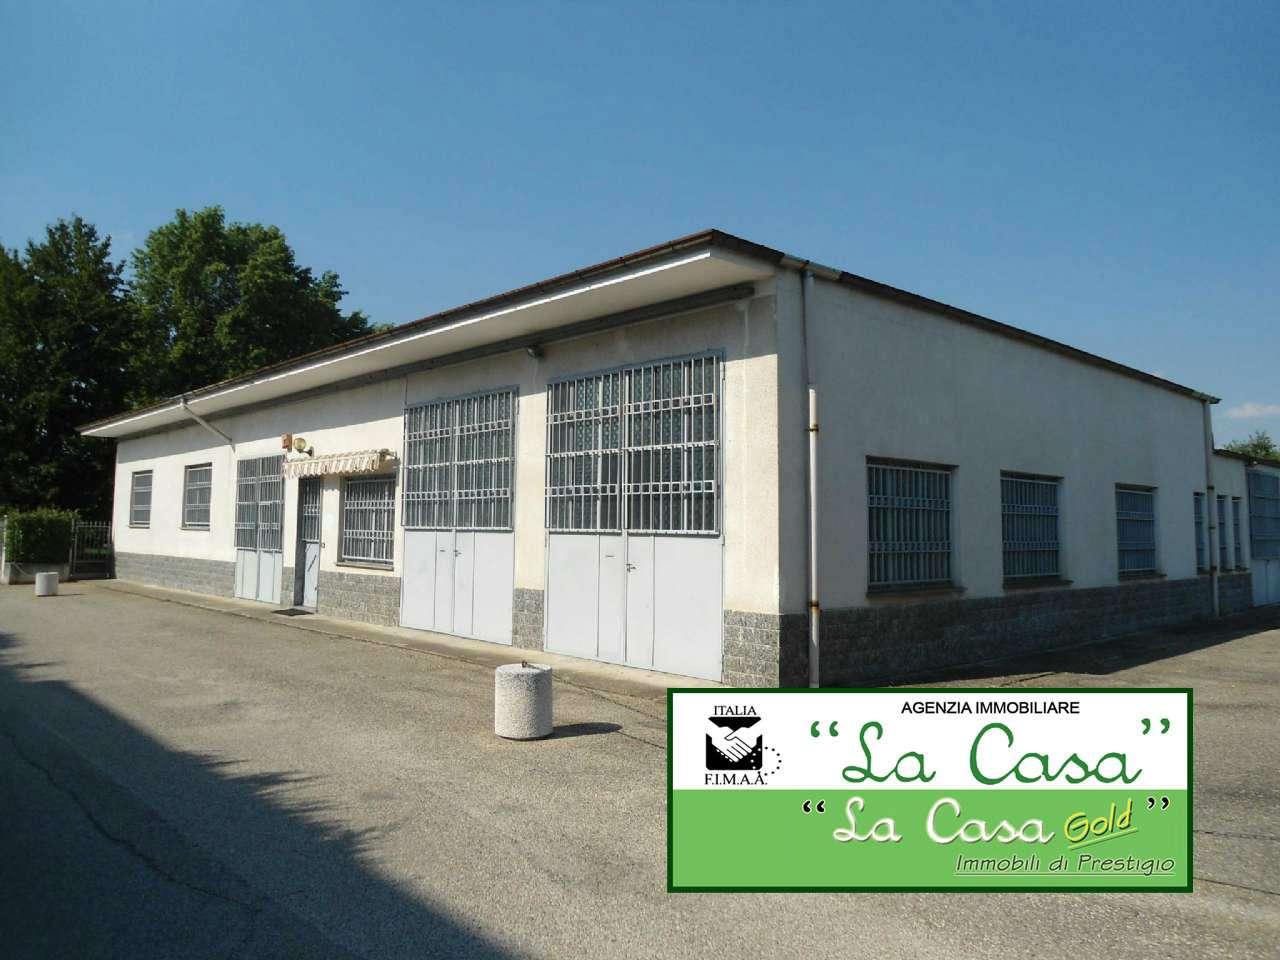 Capannone in vendita a Villafranca d'Asti, 5 locali, prezzo € 320.000 | CambioCasa.it